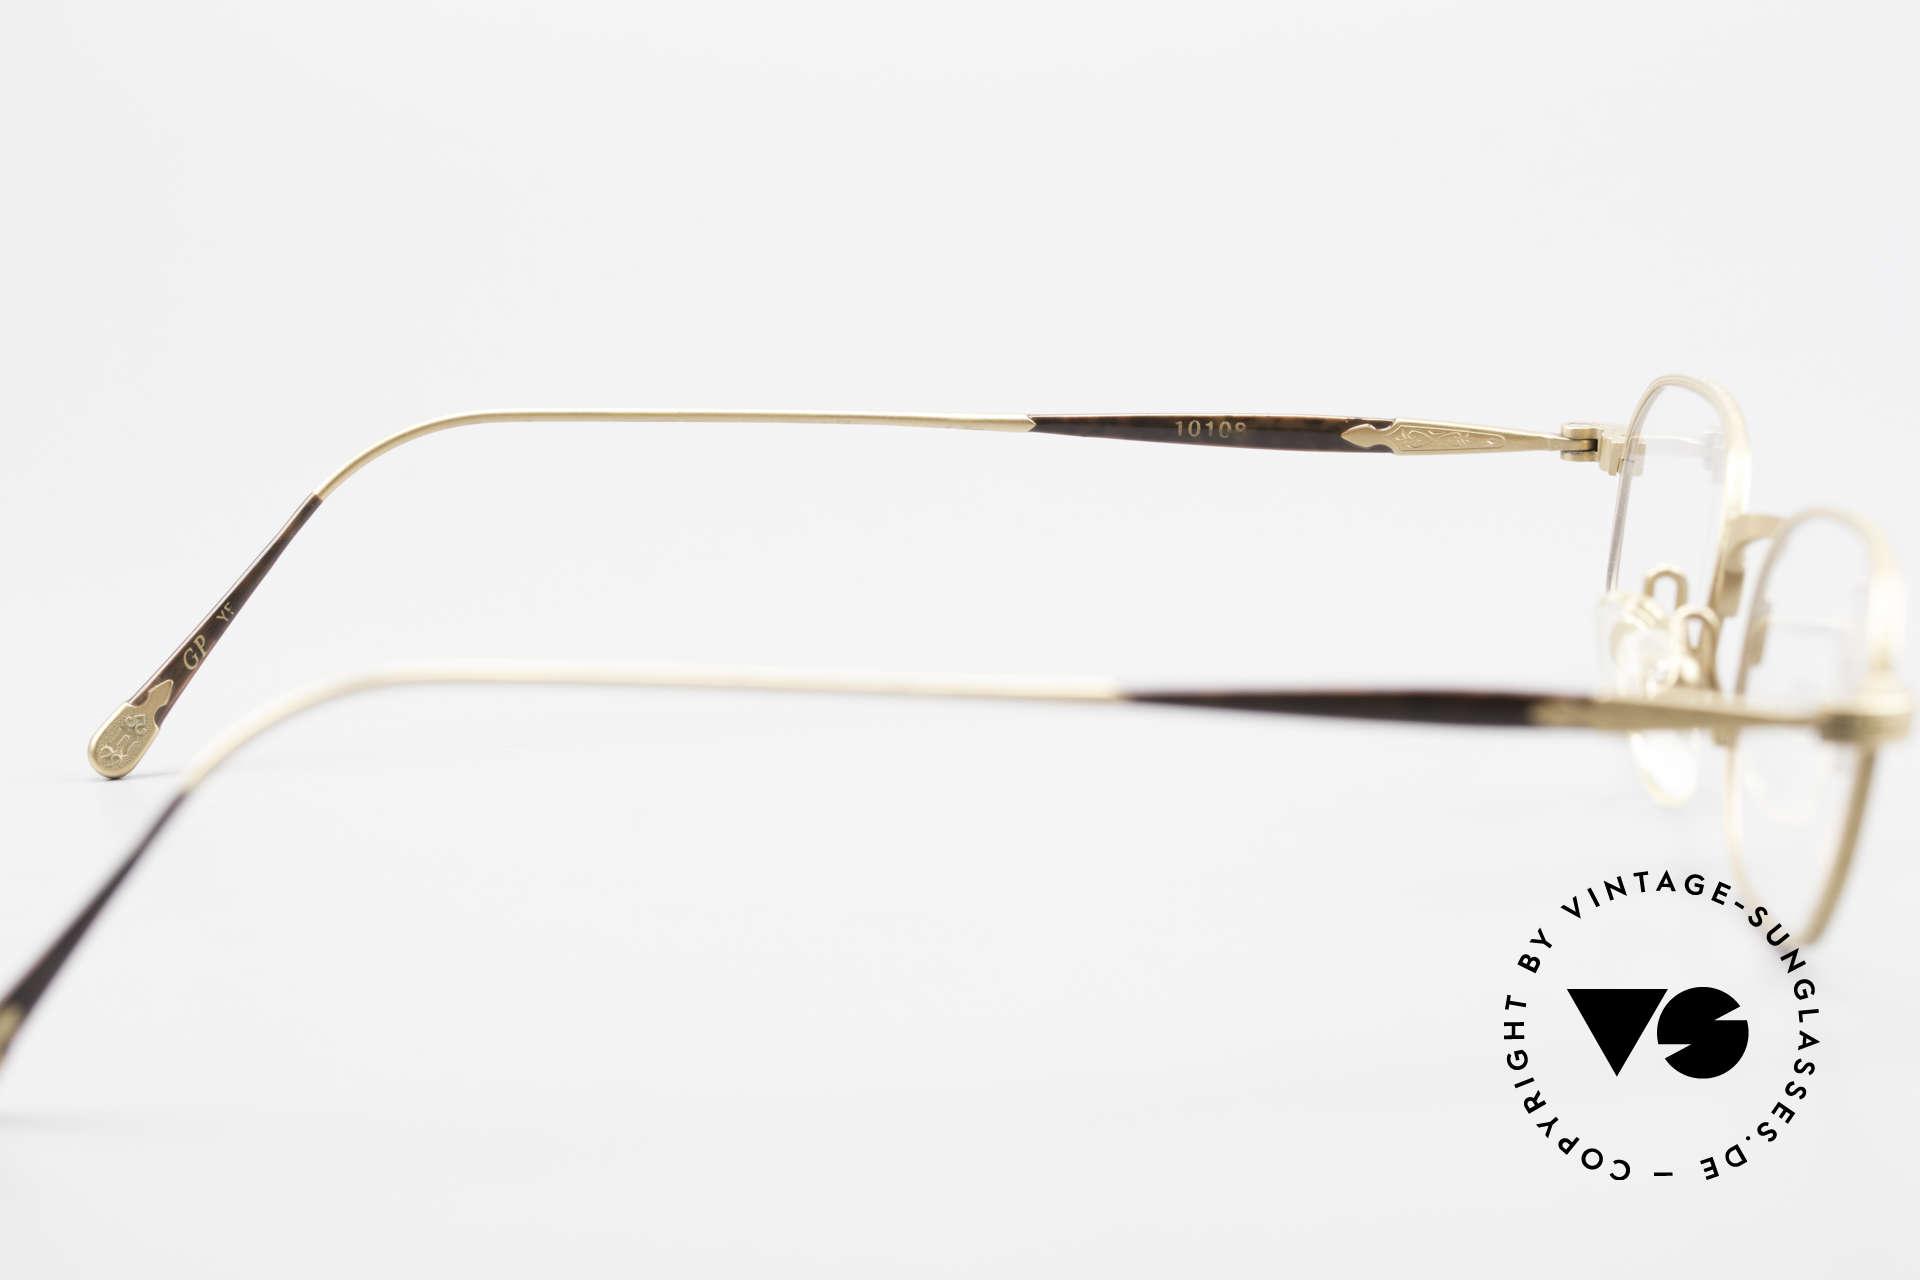 Matsuda 10108 Herrenbrille 90er High End, Größe: medium, Passend für Herren